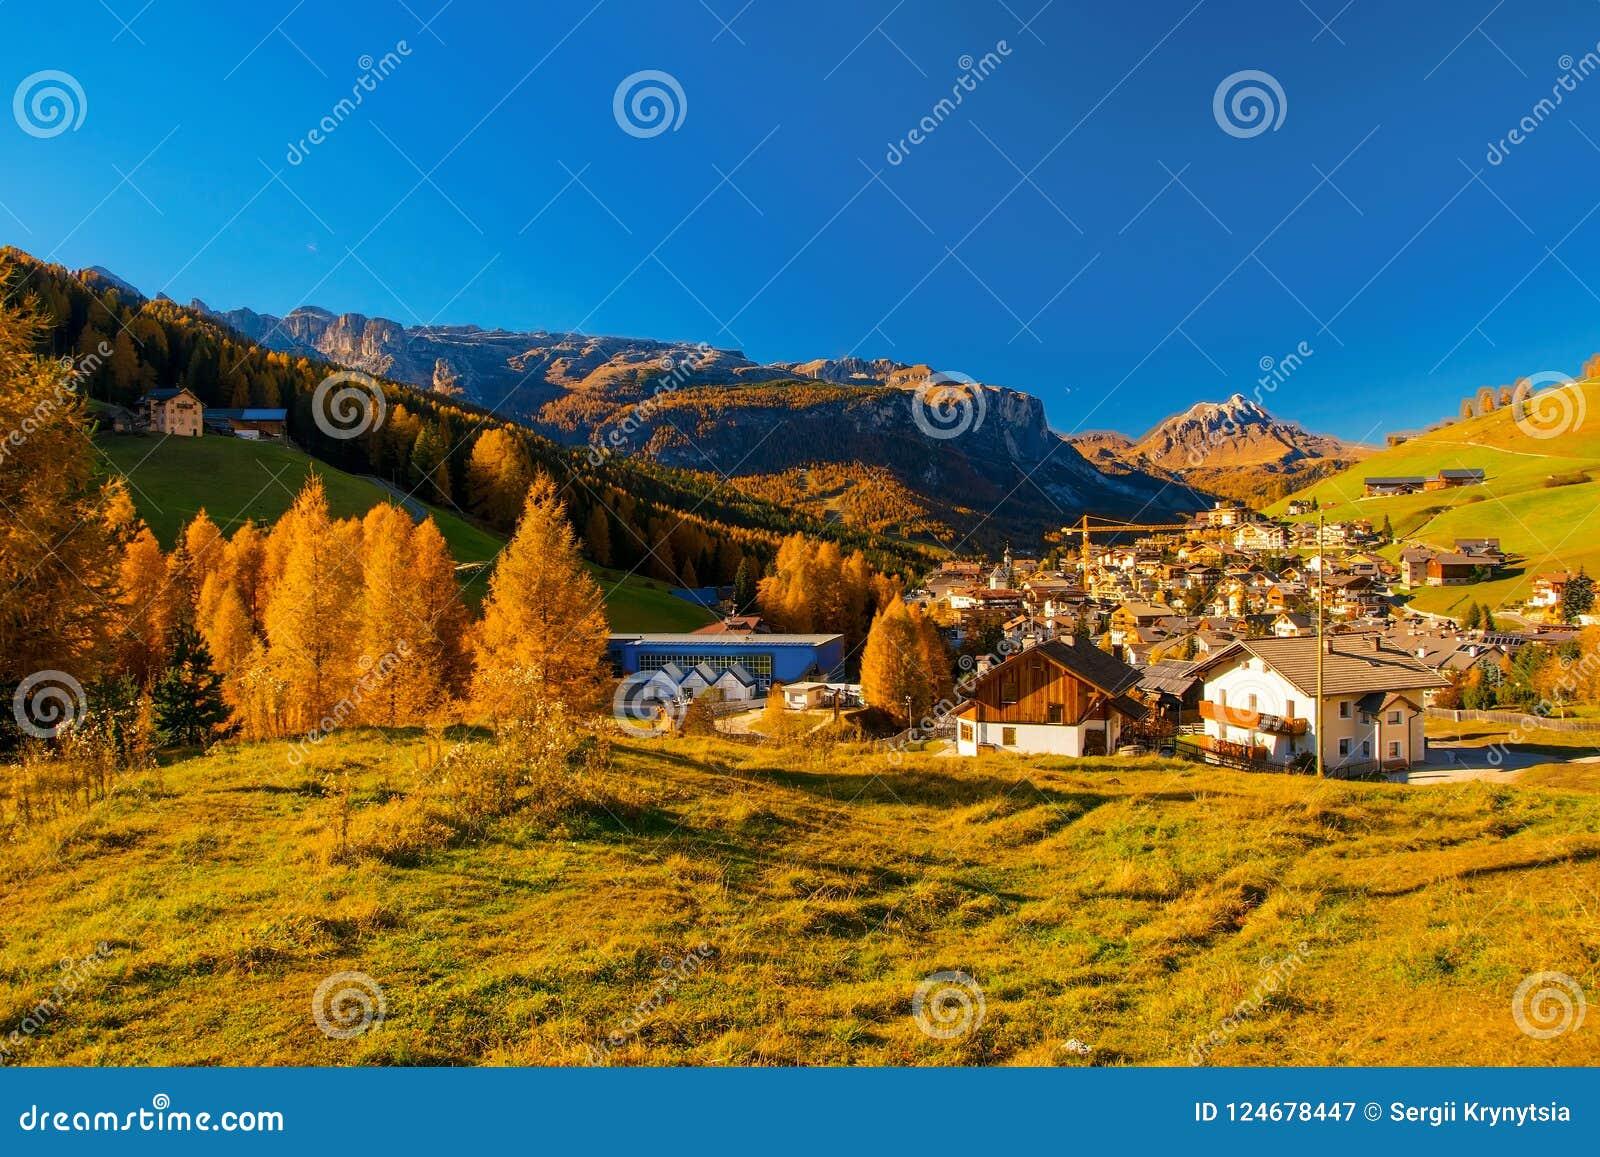 Panoramiczny widok Corvara w Dolimites, Włochy